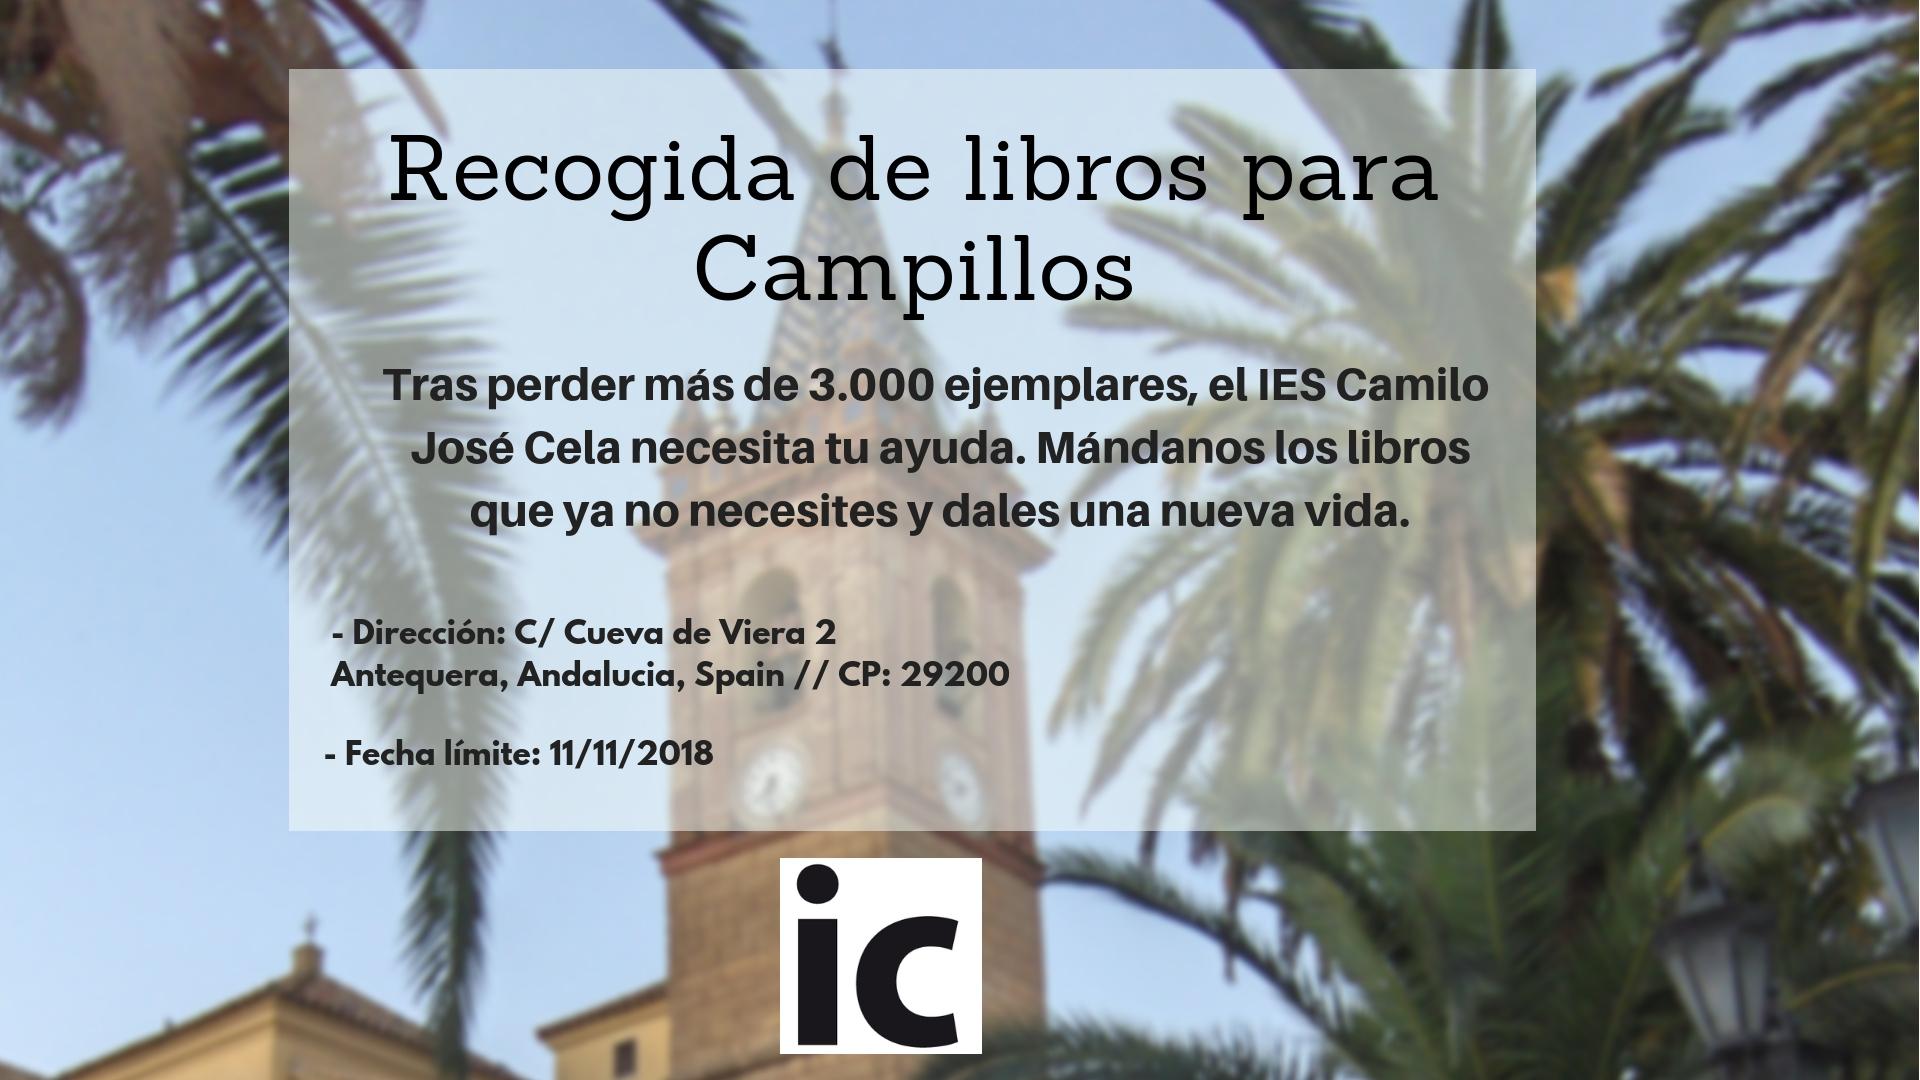 IC Grupo quiere colaborar con Campillos